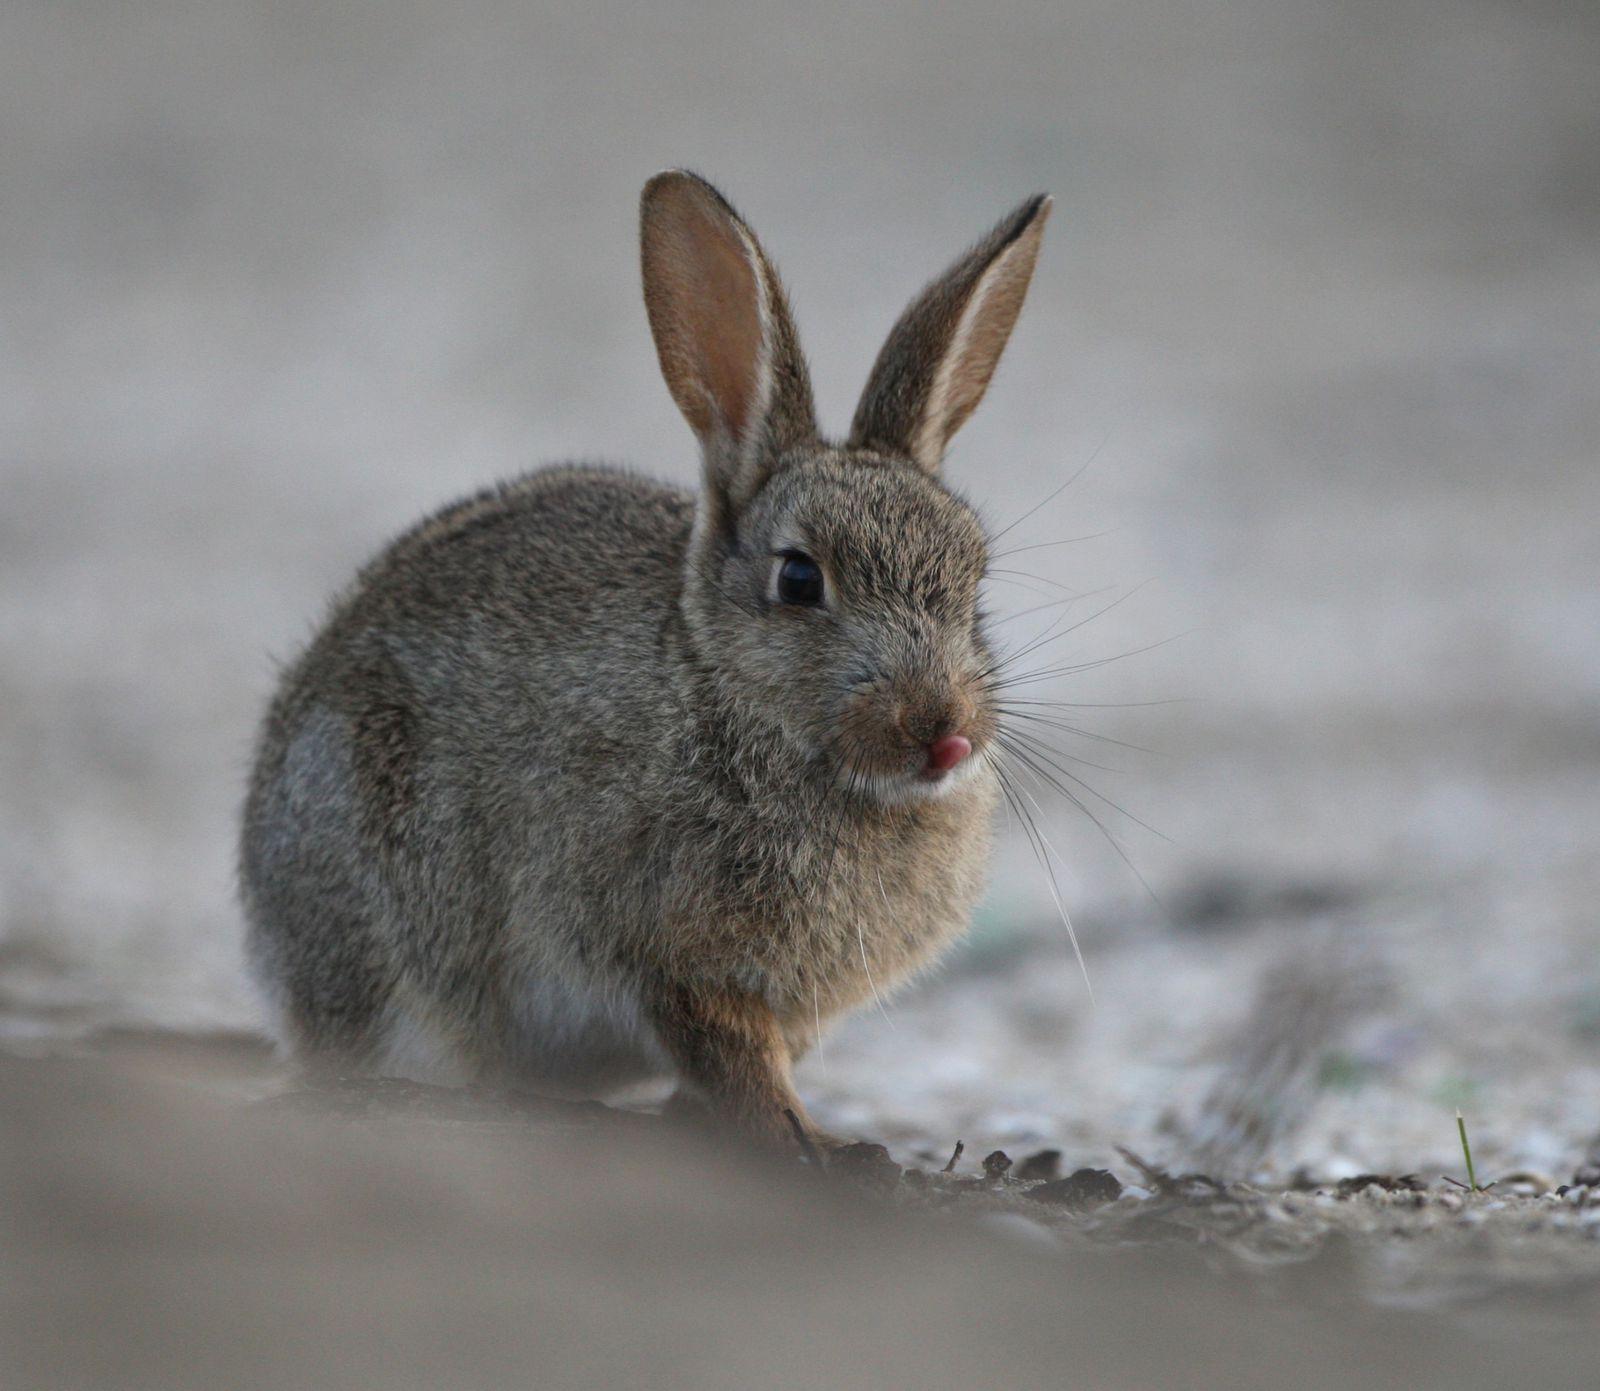 Lapin de garenne qui sort la langue côte picarde-photo de faune sauvage de Picardie-Benoit Henrion